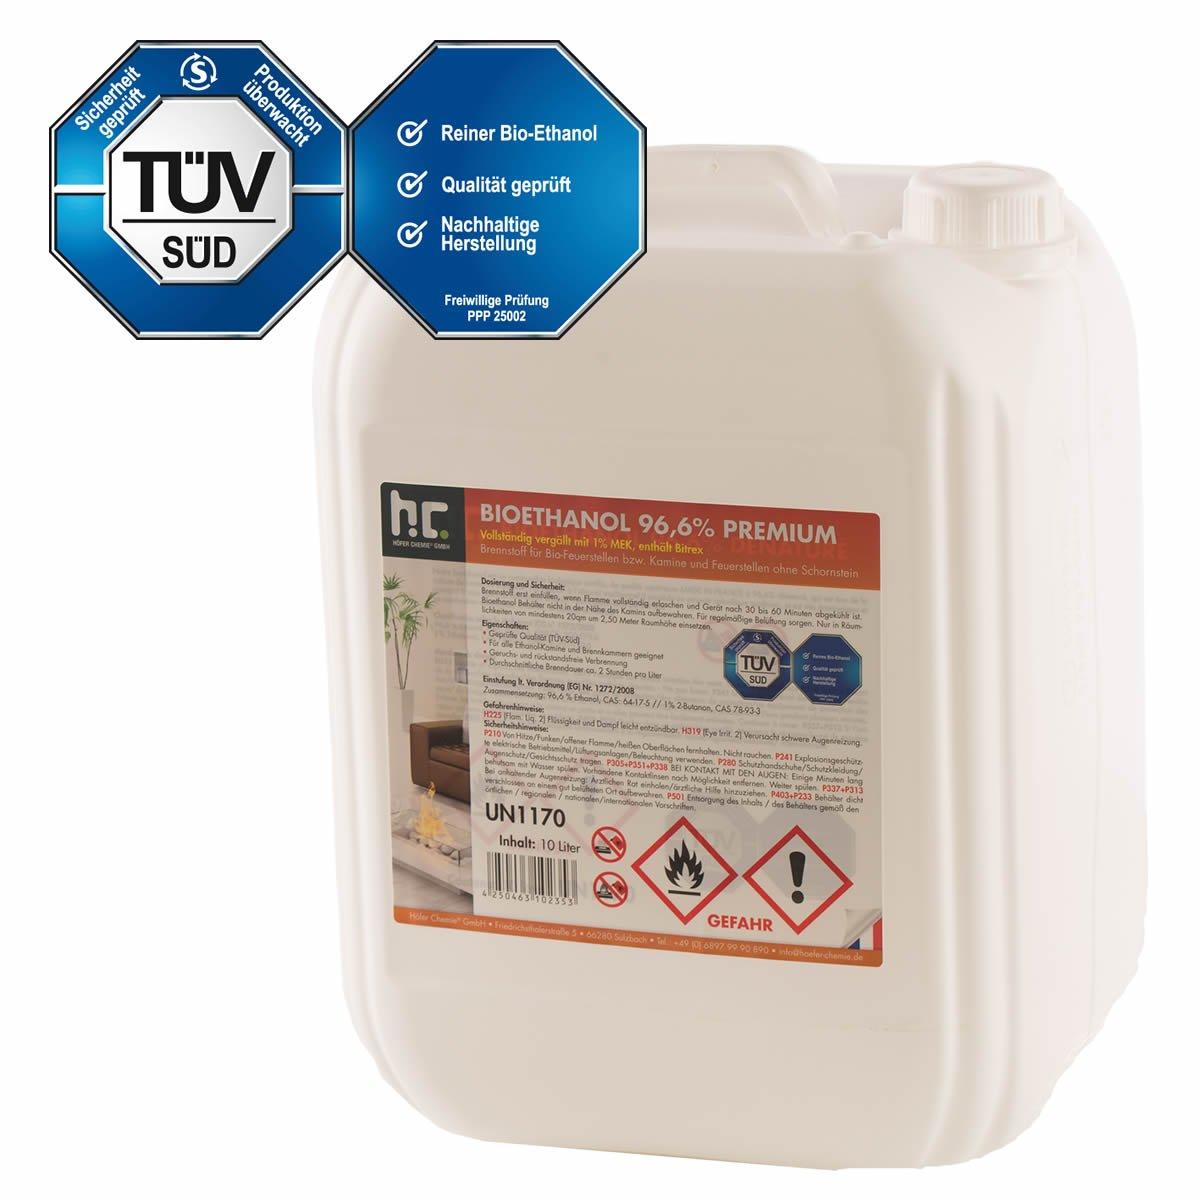 Höfer Chemie 1 x 10 L Bioethanol 96,6% Premium - TÜV SÜD zertifizierte QUALITÄT - für Ethanol Kamin, Ethanol Feuerstelle, Ethanol Tischfeuer und Bioethanol Kamin Höfer Chemie GmbH